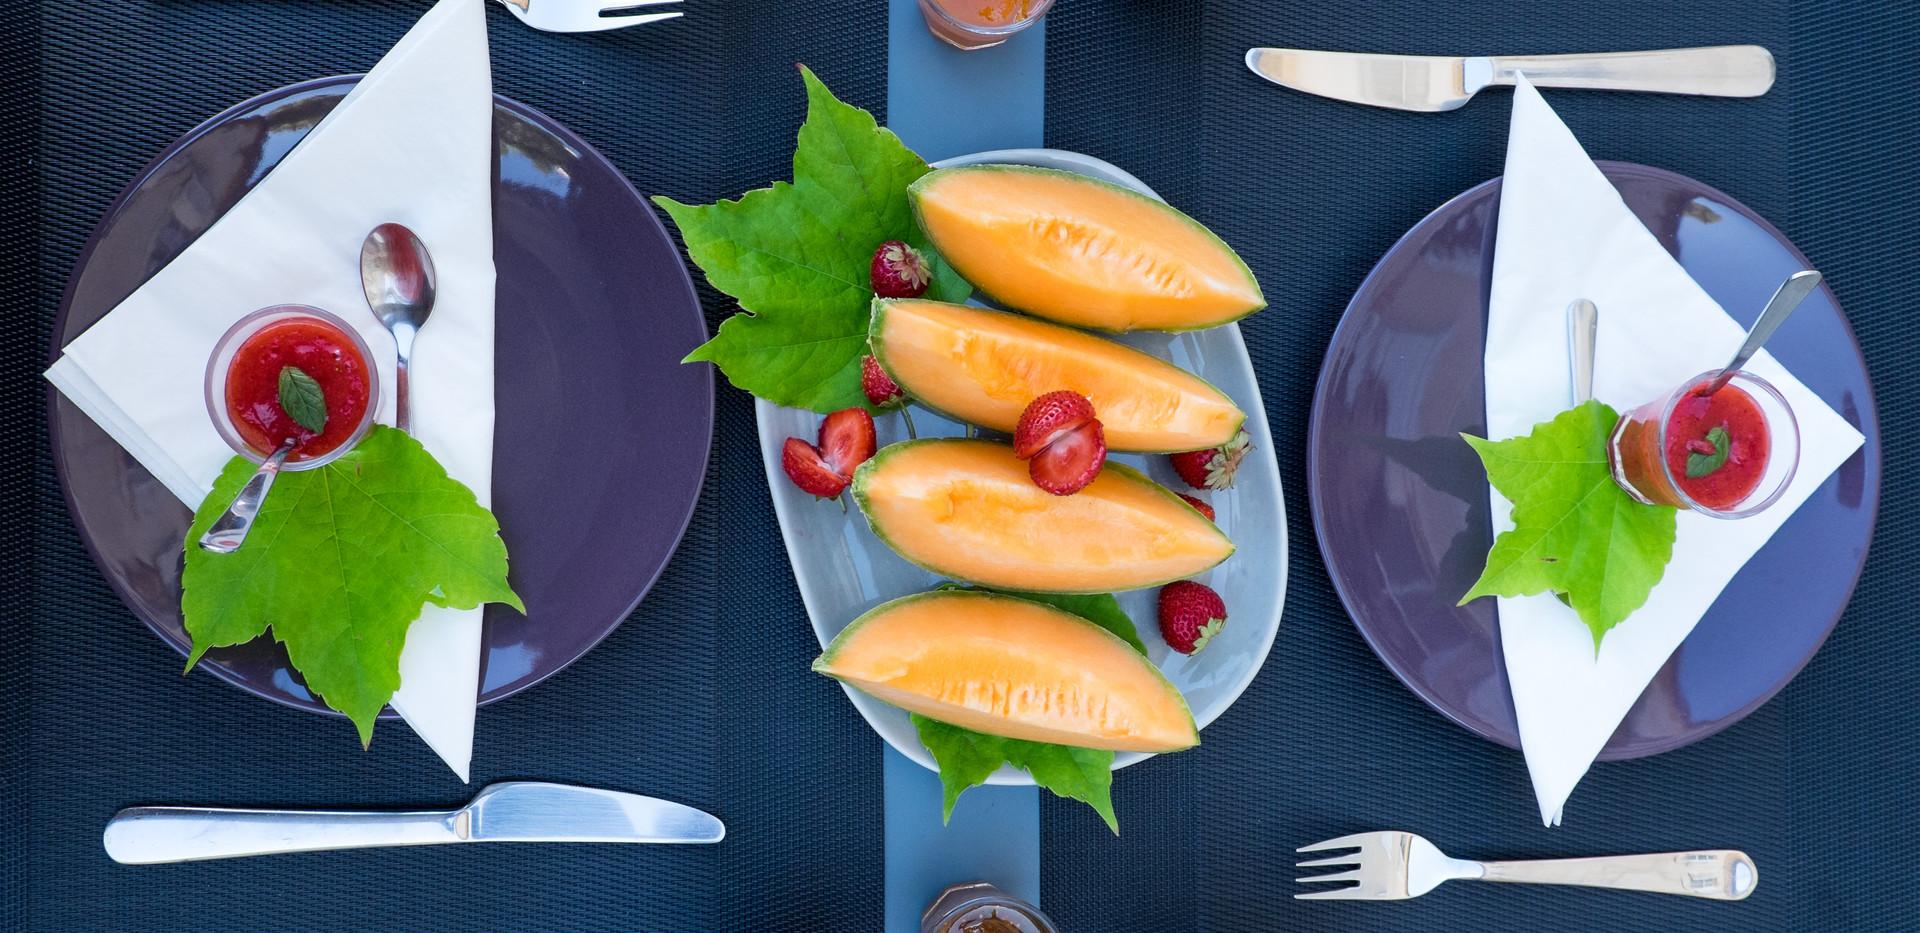 Le Jas de Monsieur-Petits-déjeuners001